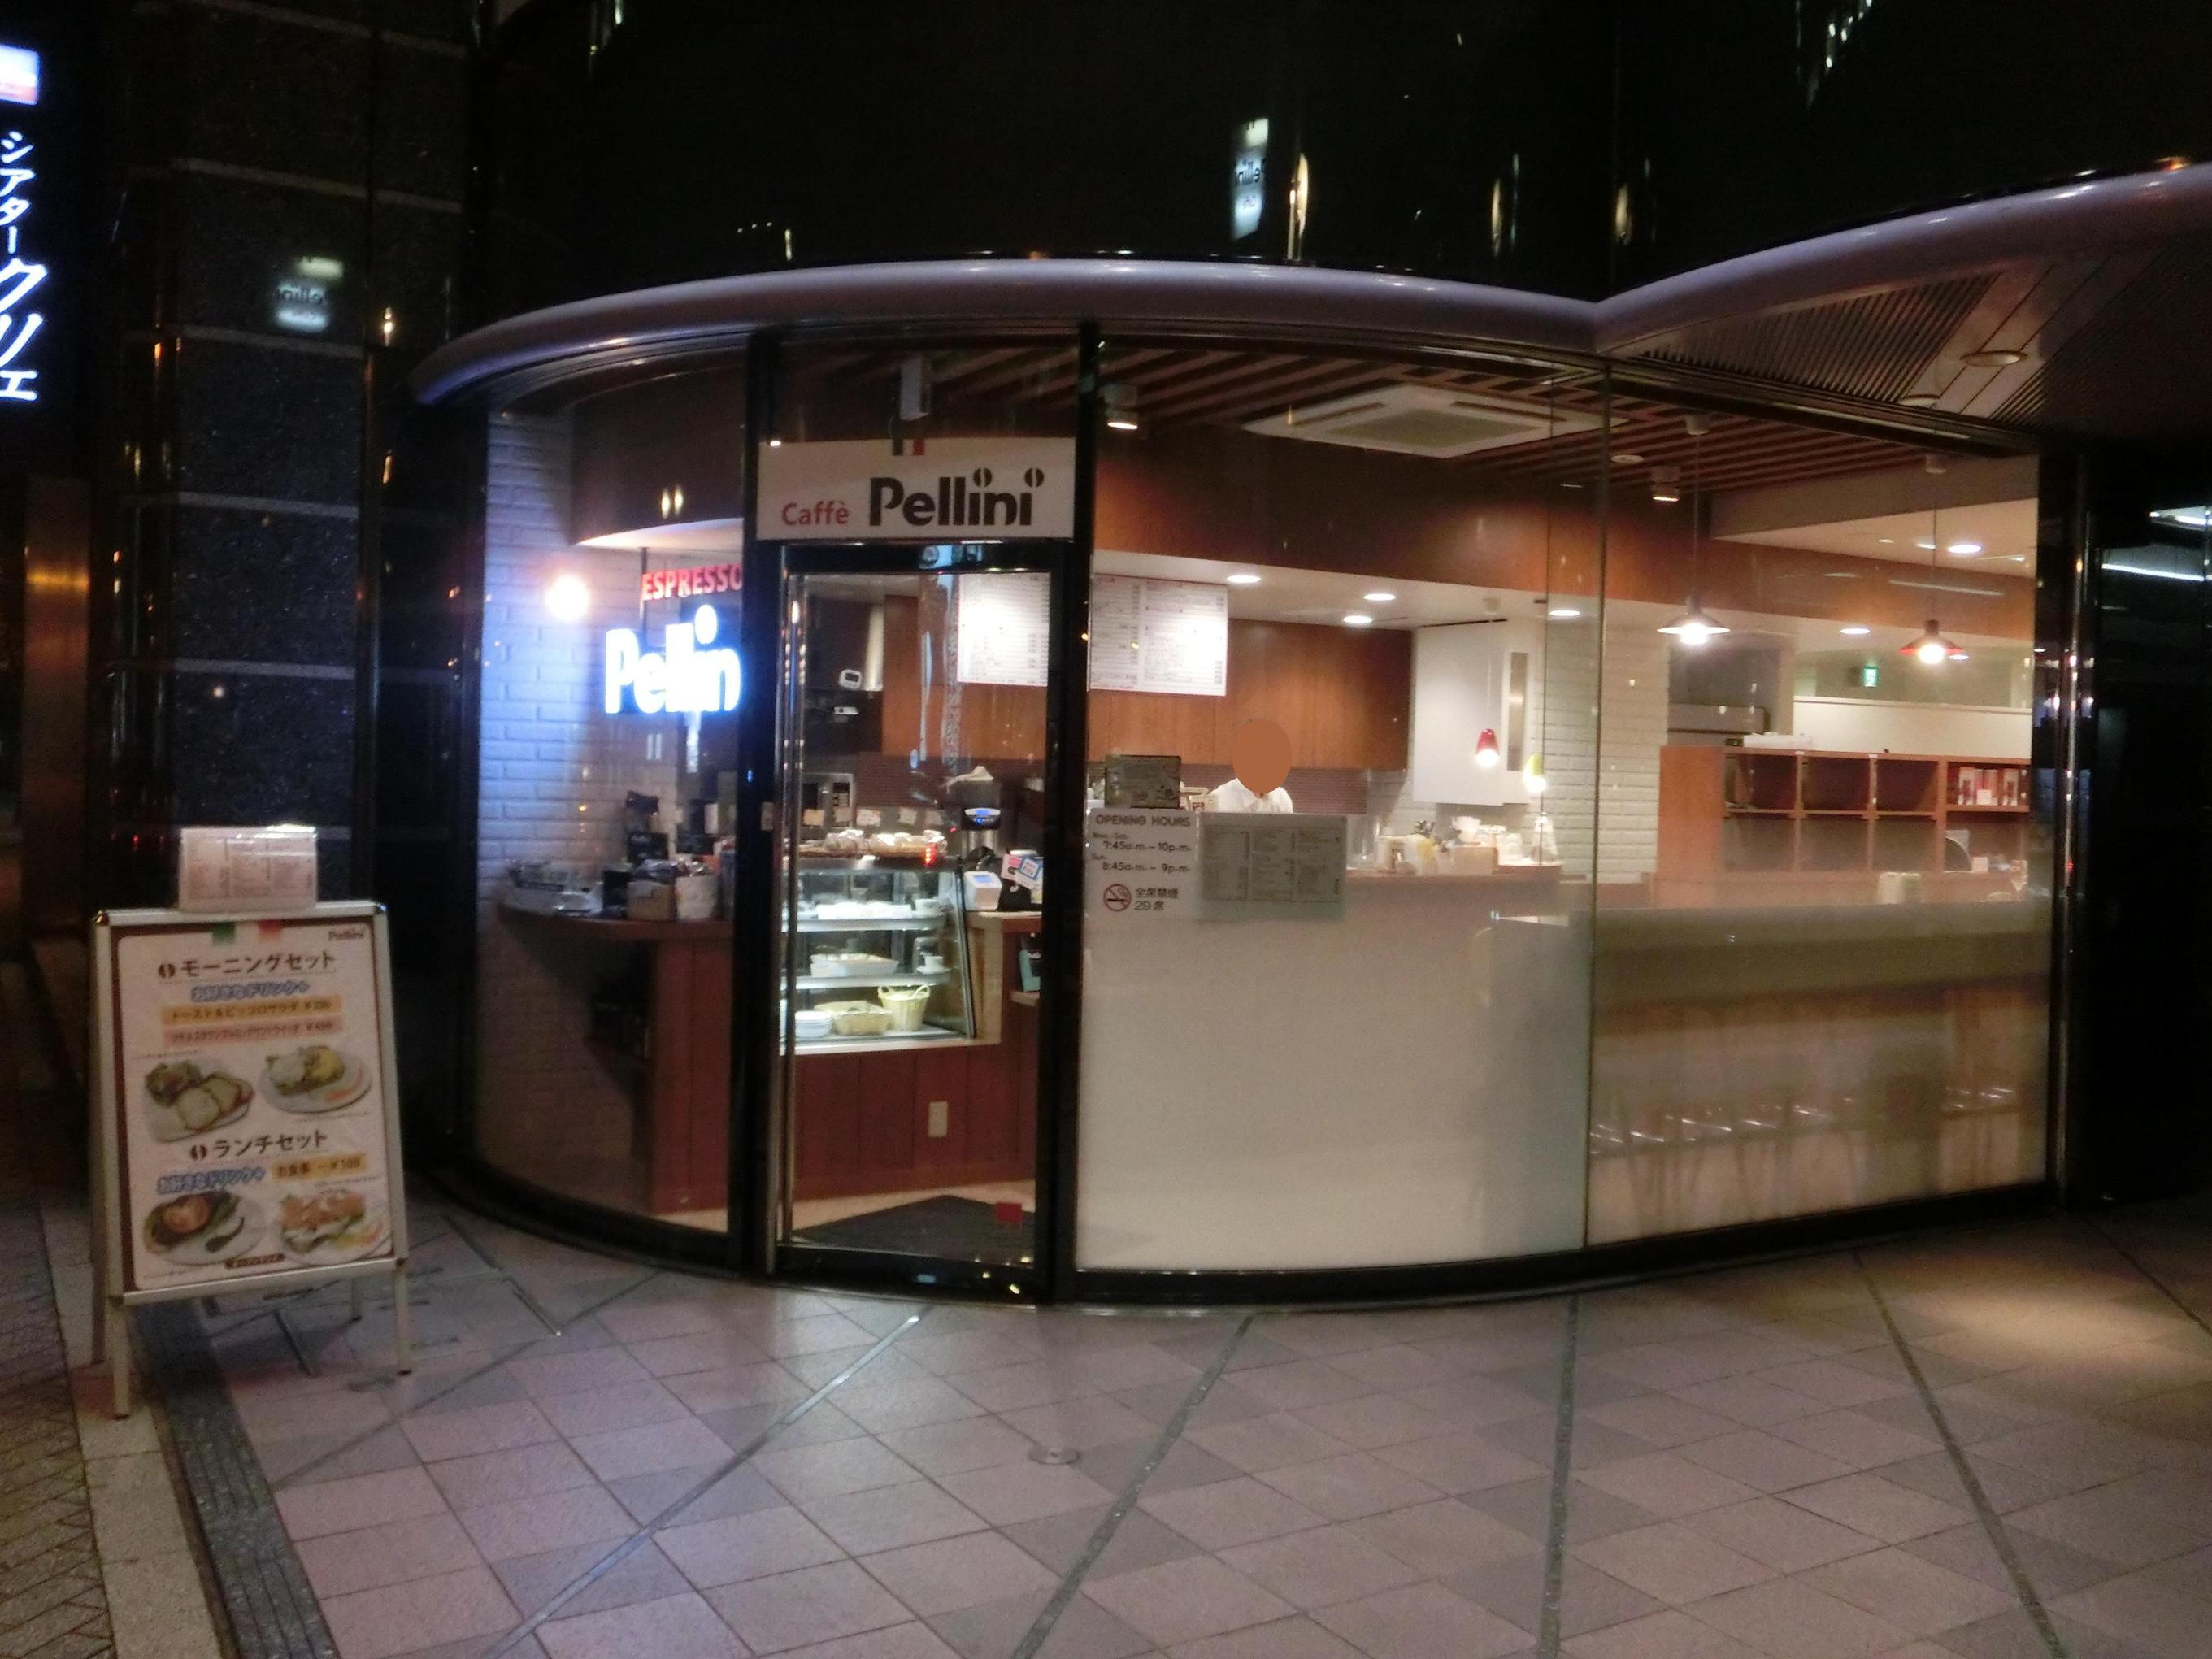 カフェ ペリーニ 日比谷店